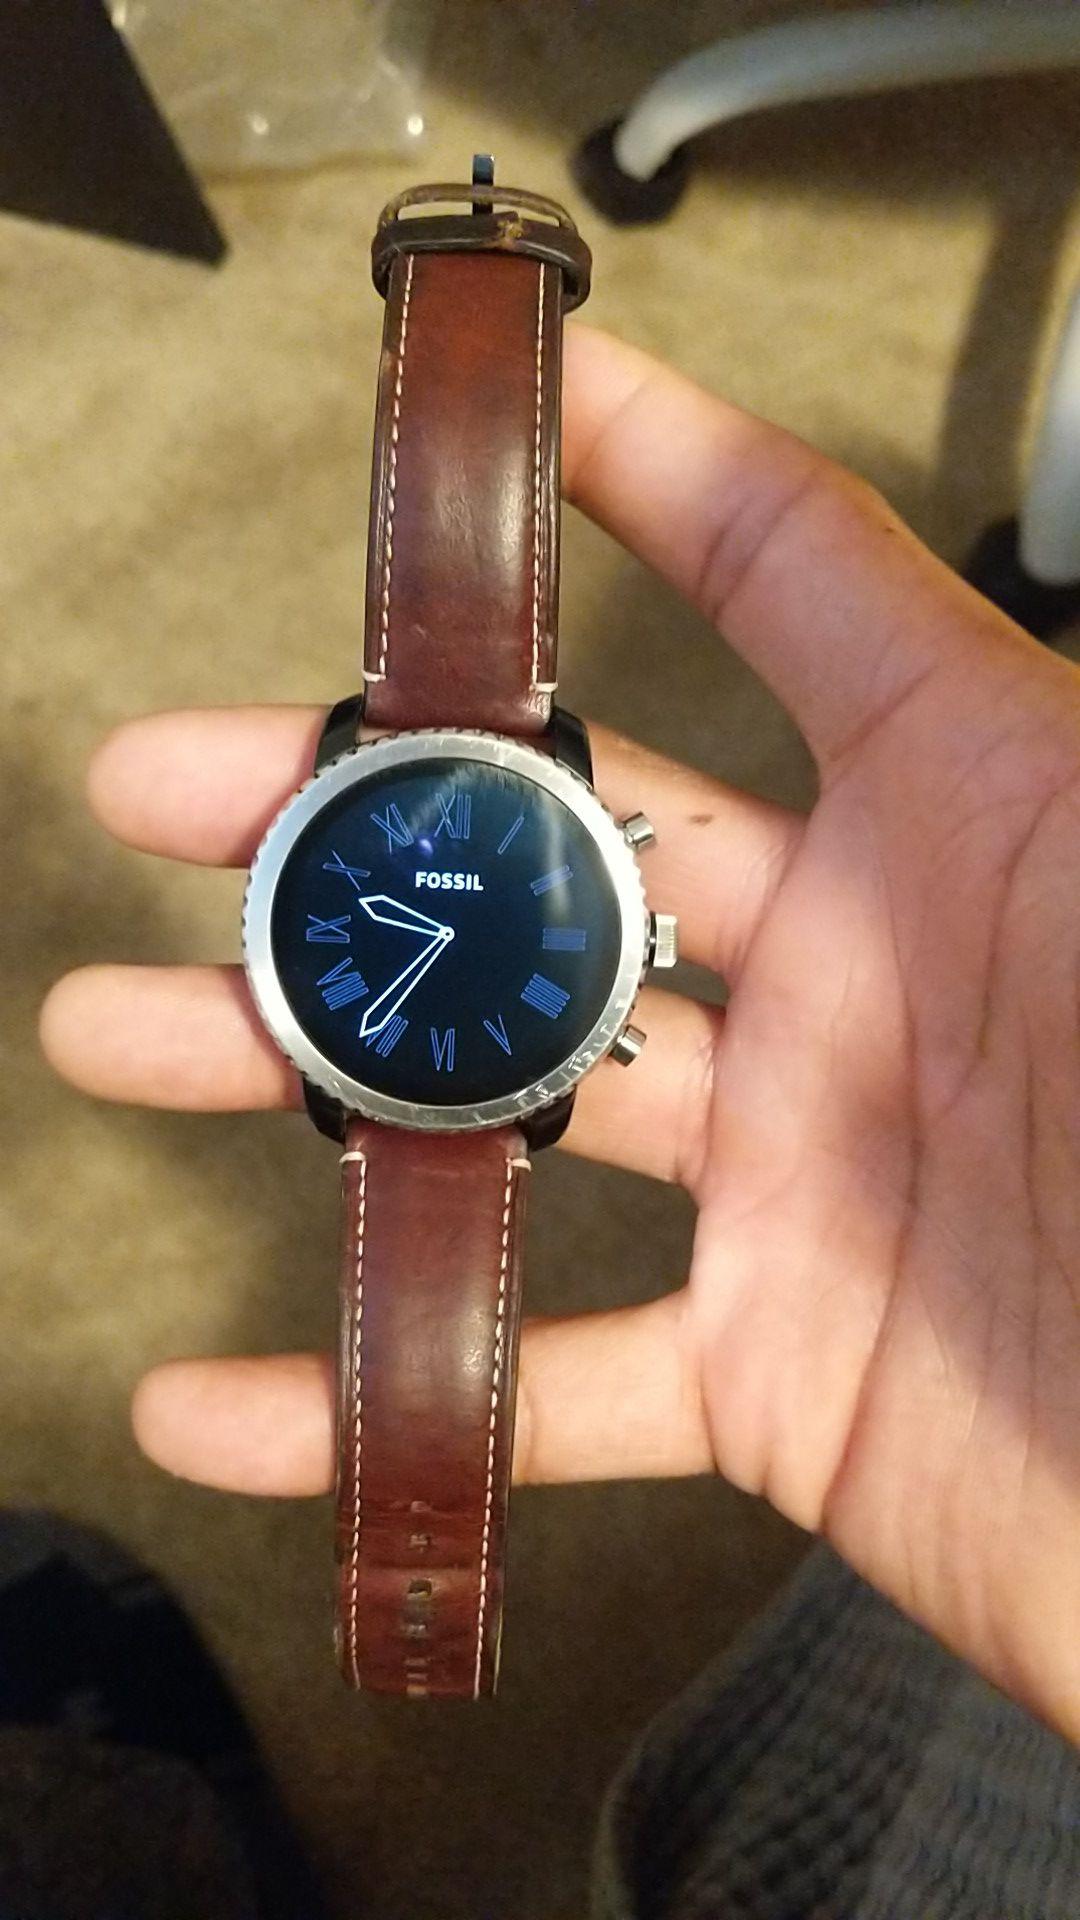 Fossil Gen3 Smart Watch